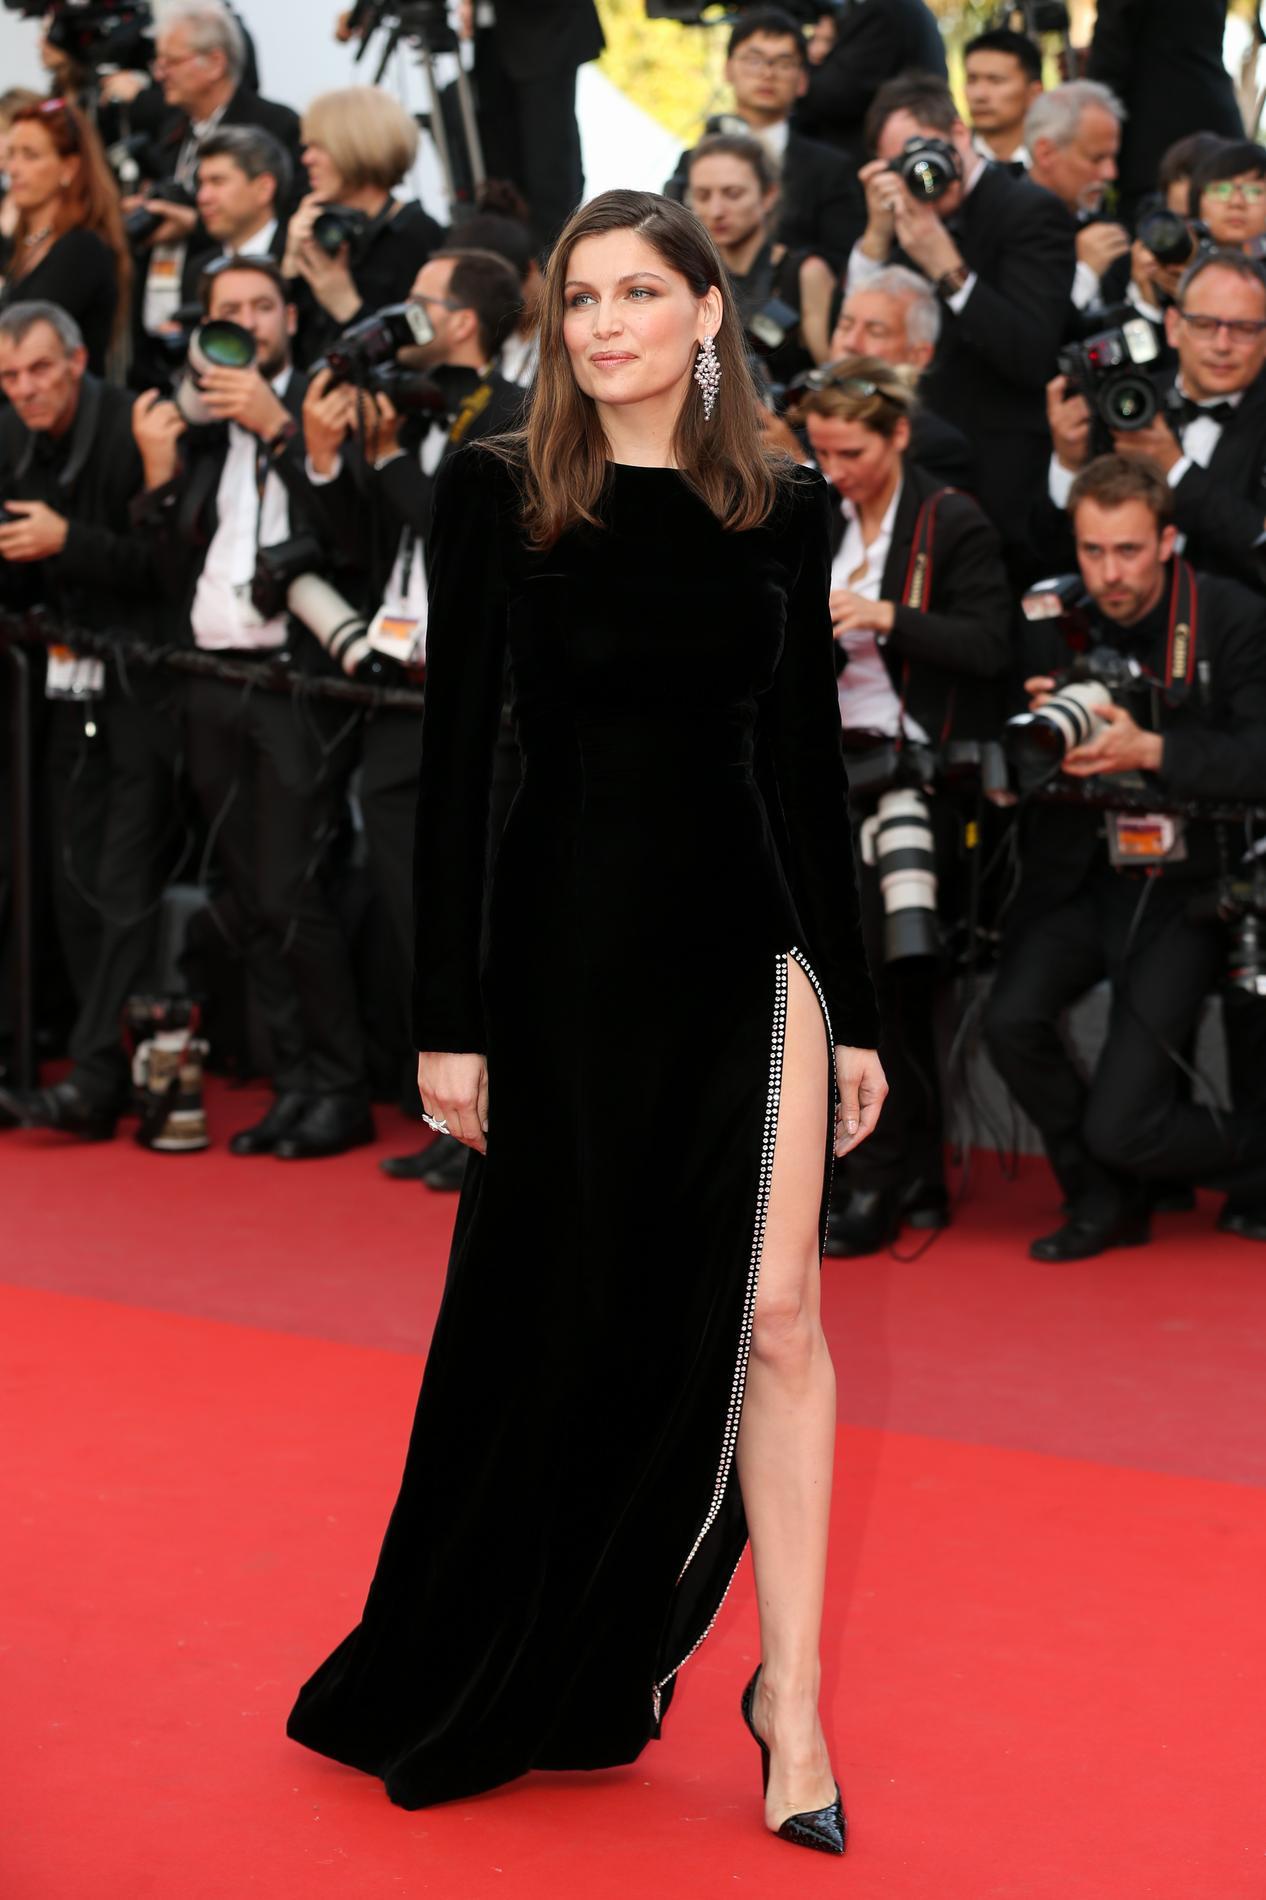 Kruger Avec Noire Robe Madame Diane Style Figaro La Réinvente l3K1cTFJ